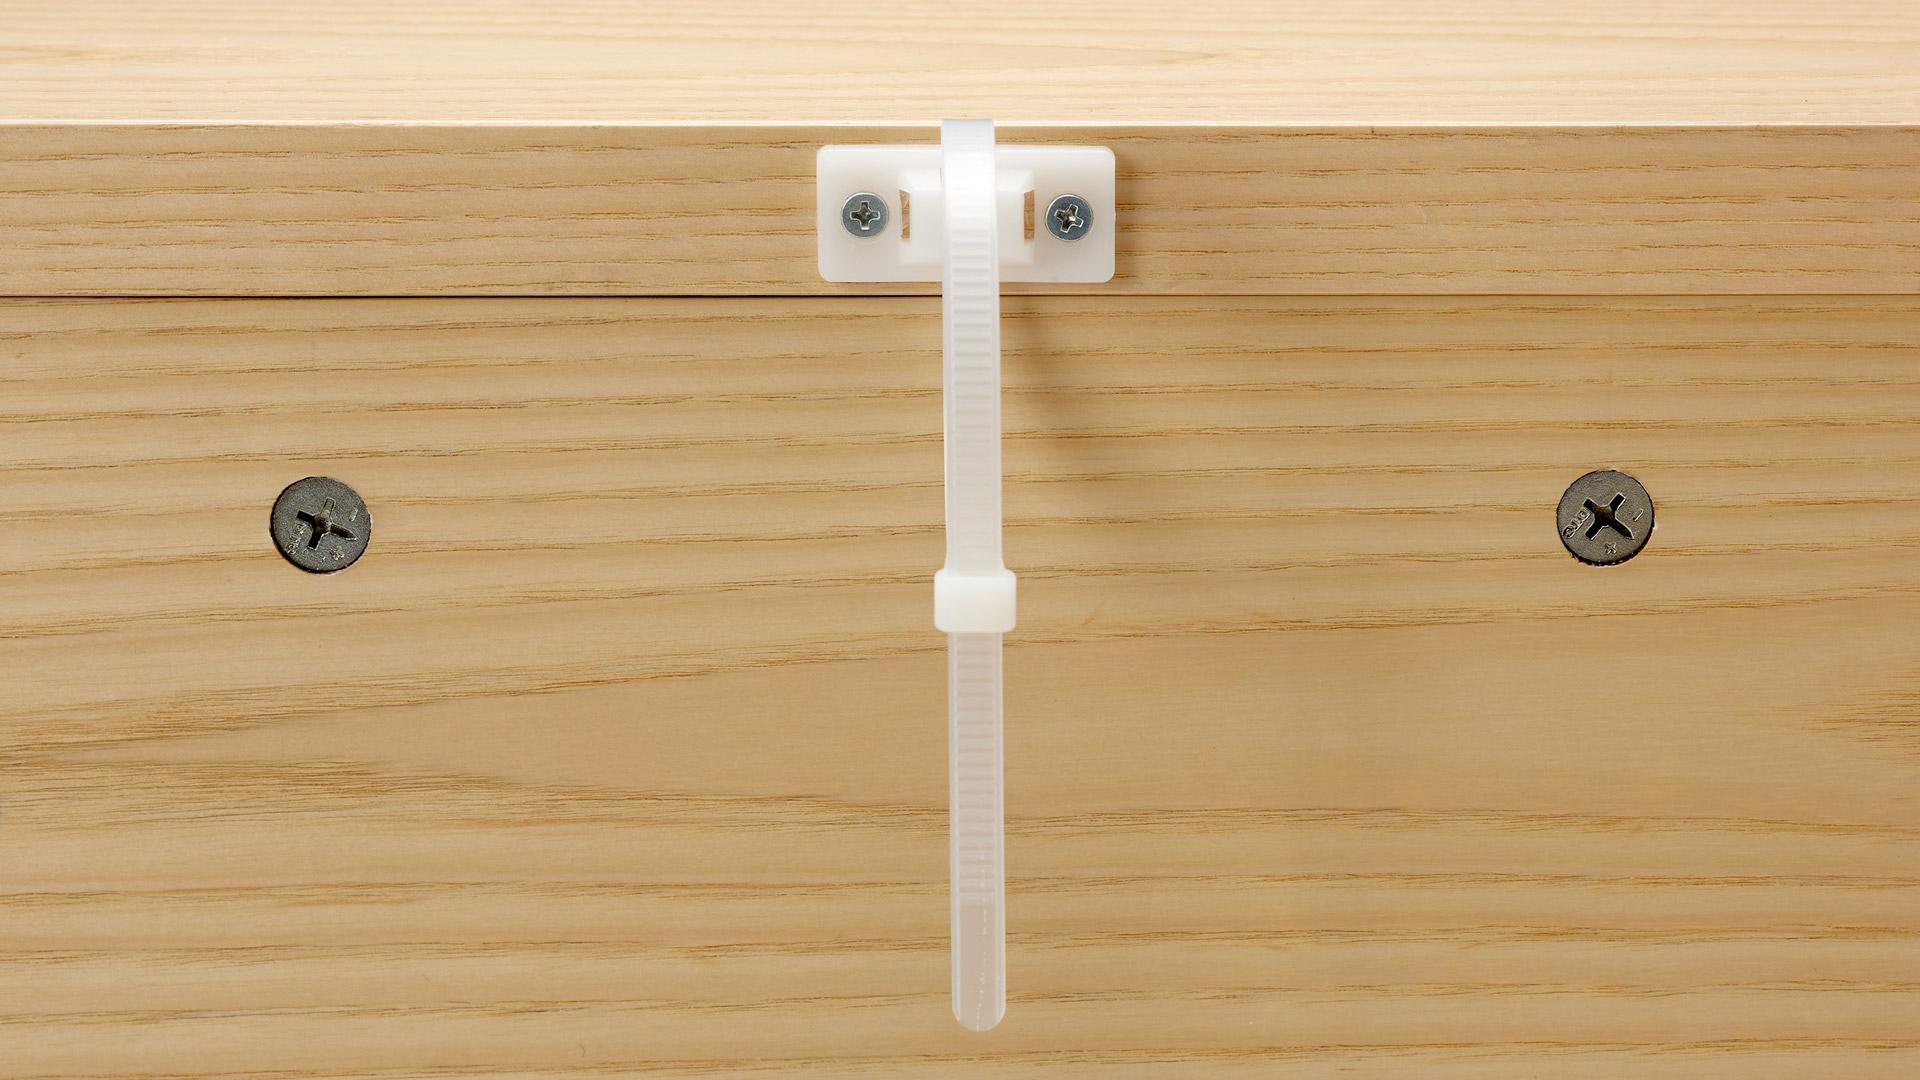 一柜附送两套防倒链,安装时将柜体固定于墙壁。于细微处暗暗守护,给家人稳固牢靠的安全感。